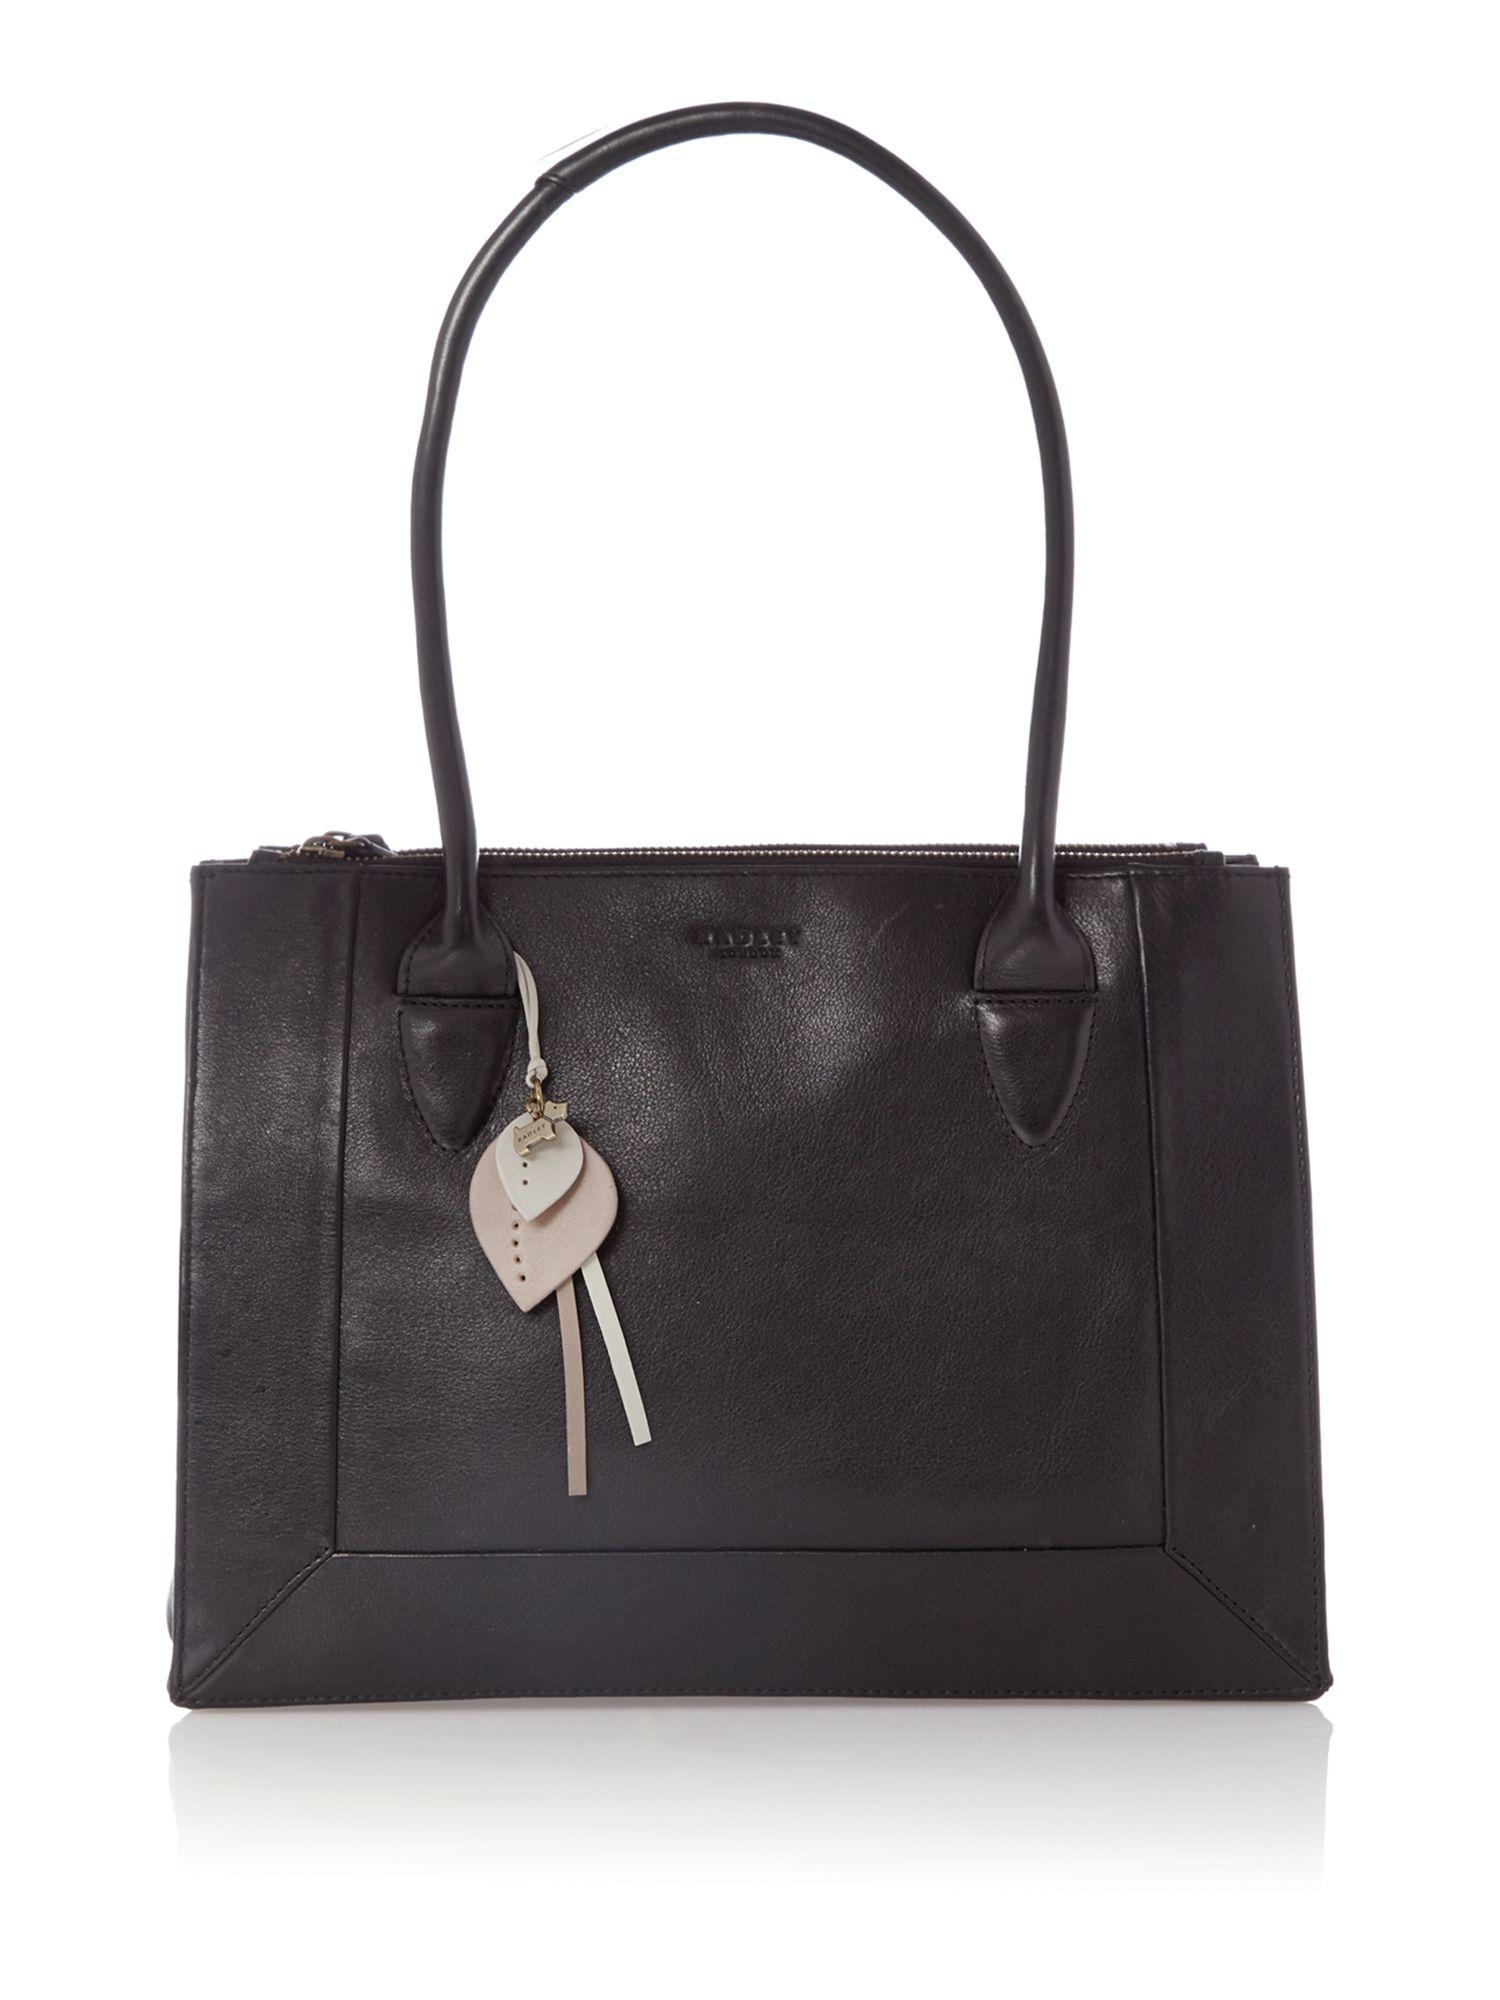 Radley Border Black Leather Medium Ziptop Tote Bag In